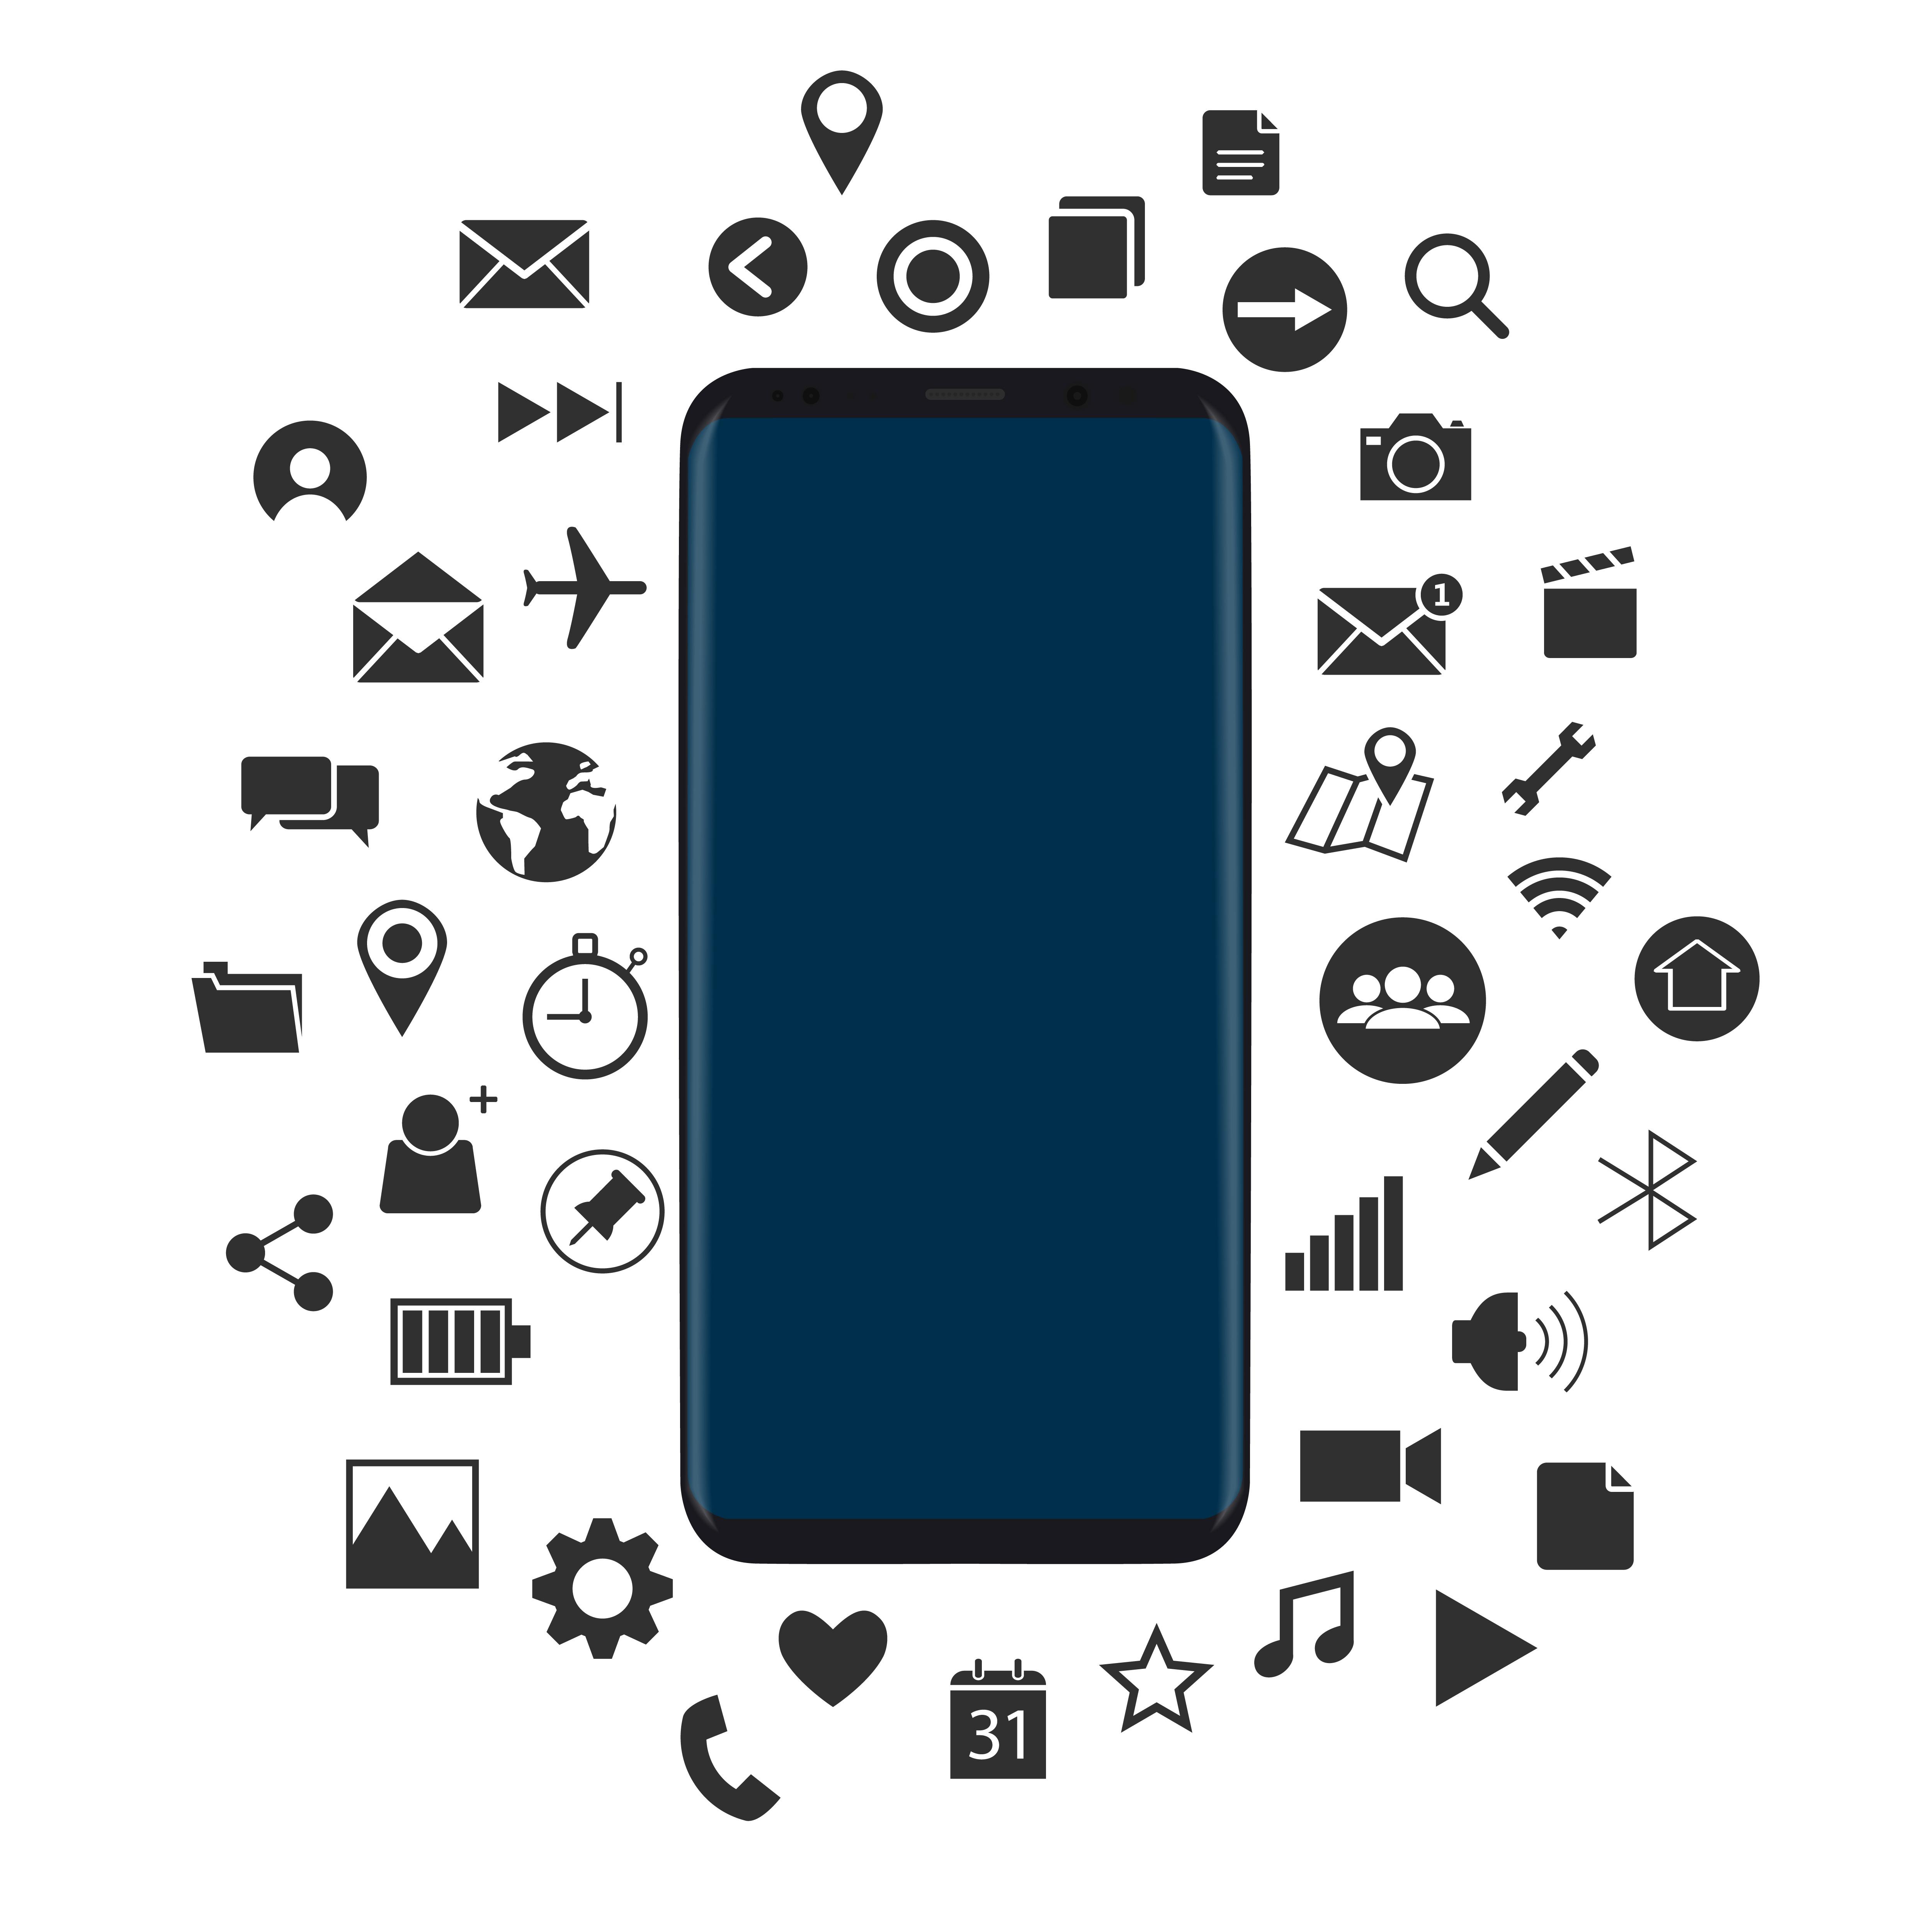 Le Mobile est le device le plus consulté par les internautes mais reste encore un défi pour les marques.